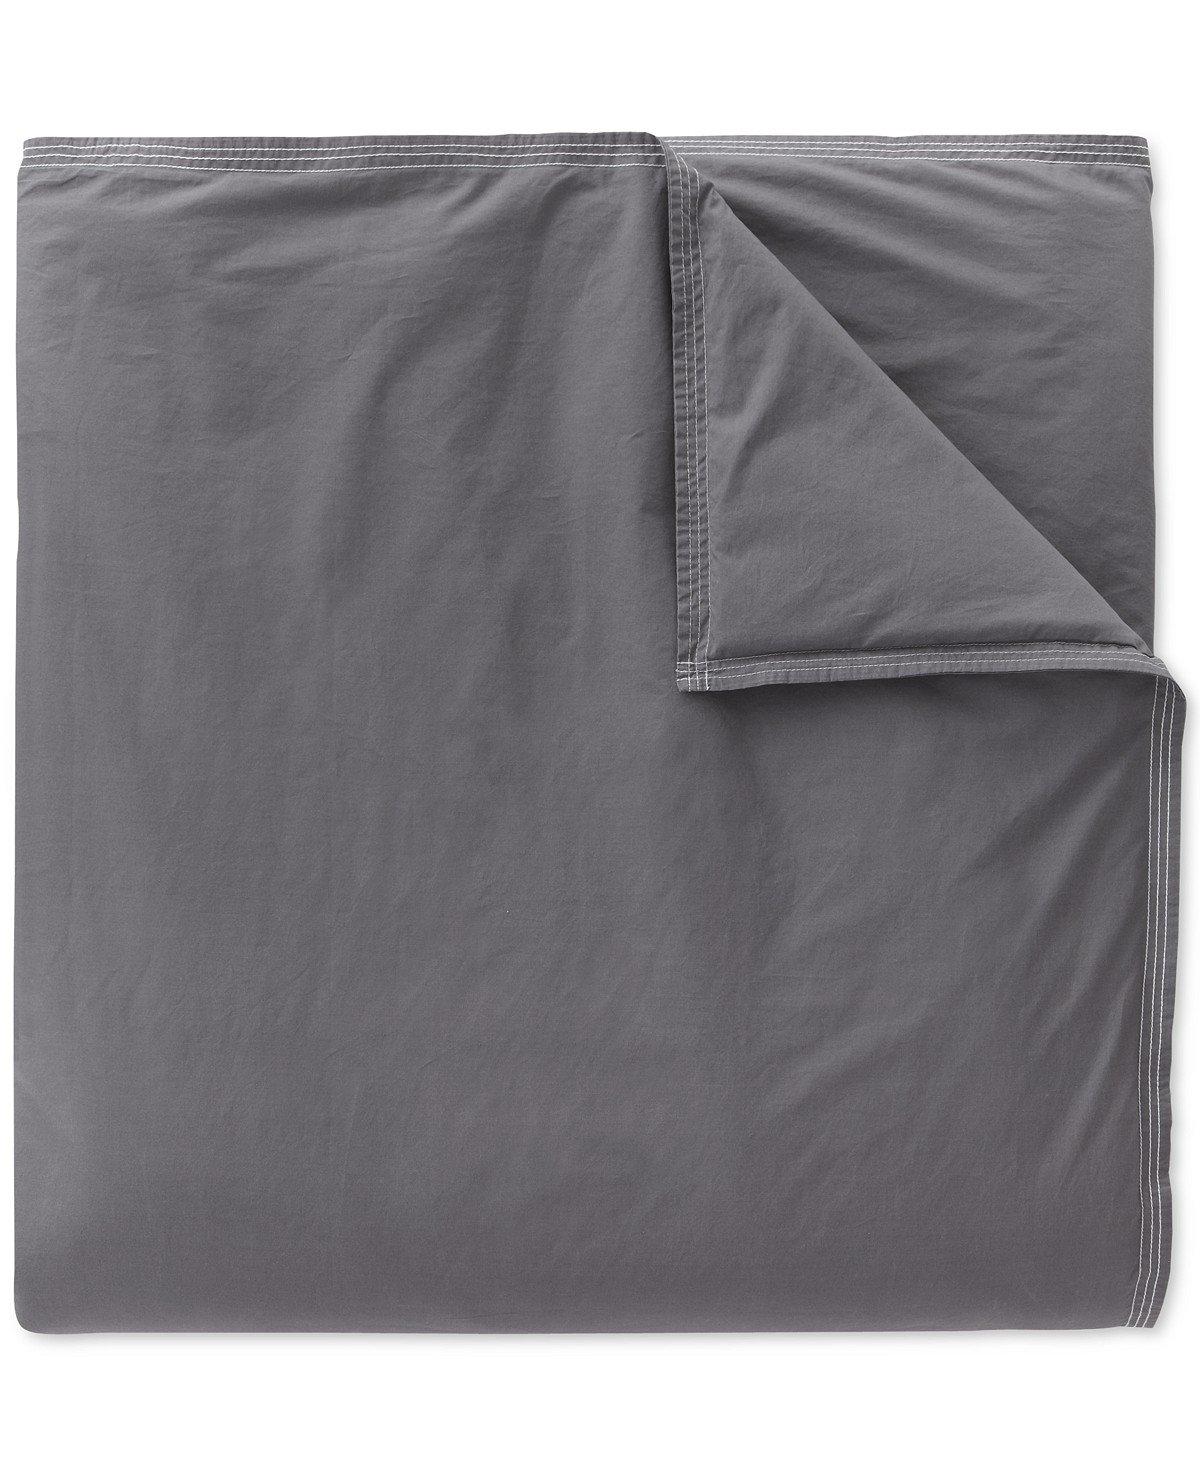 Lacoste Washed Solid Duvet Set Indigo Blue King Sunham Home Fashions 16270312